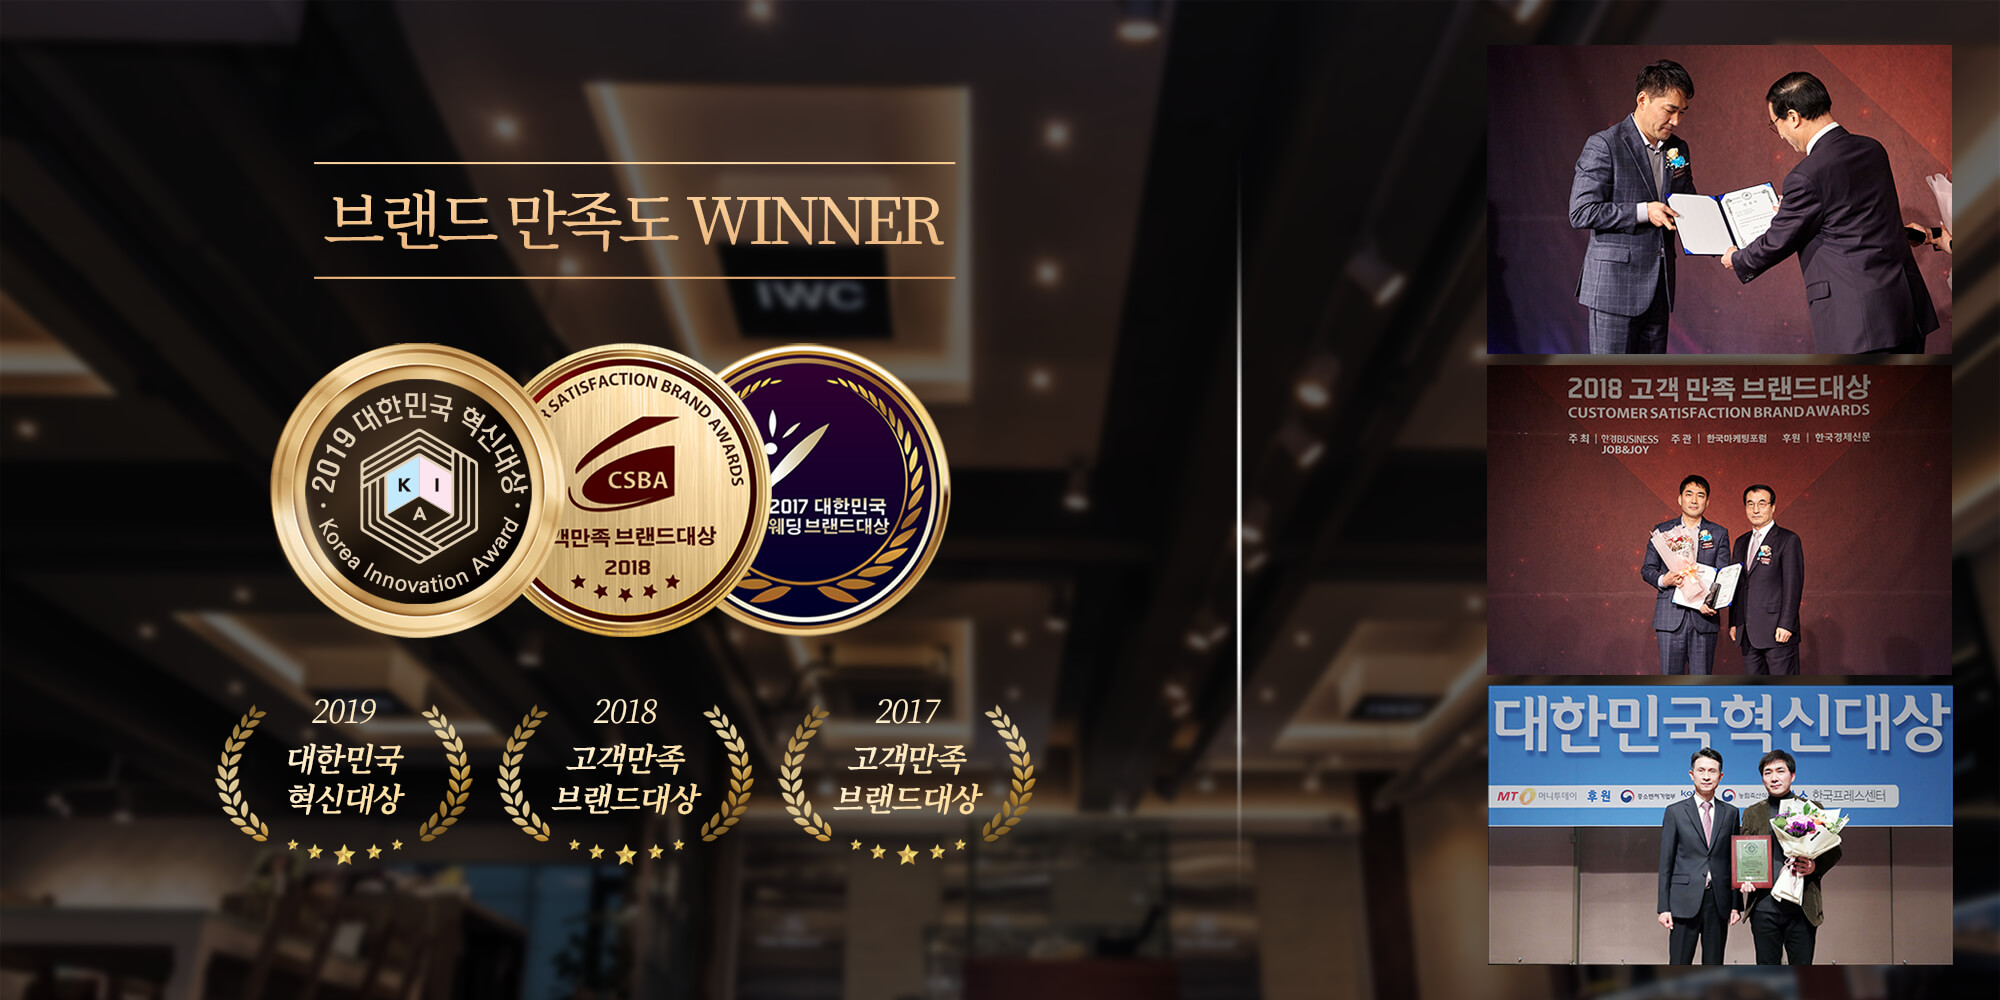 인천웨딩컴퍼니(IWC) 2019 대한민국 혁신대상 수상